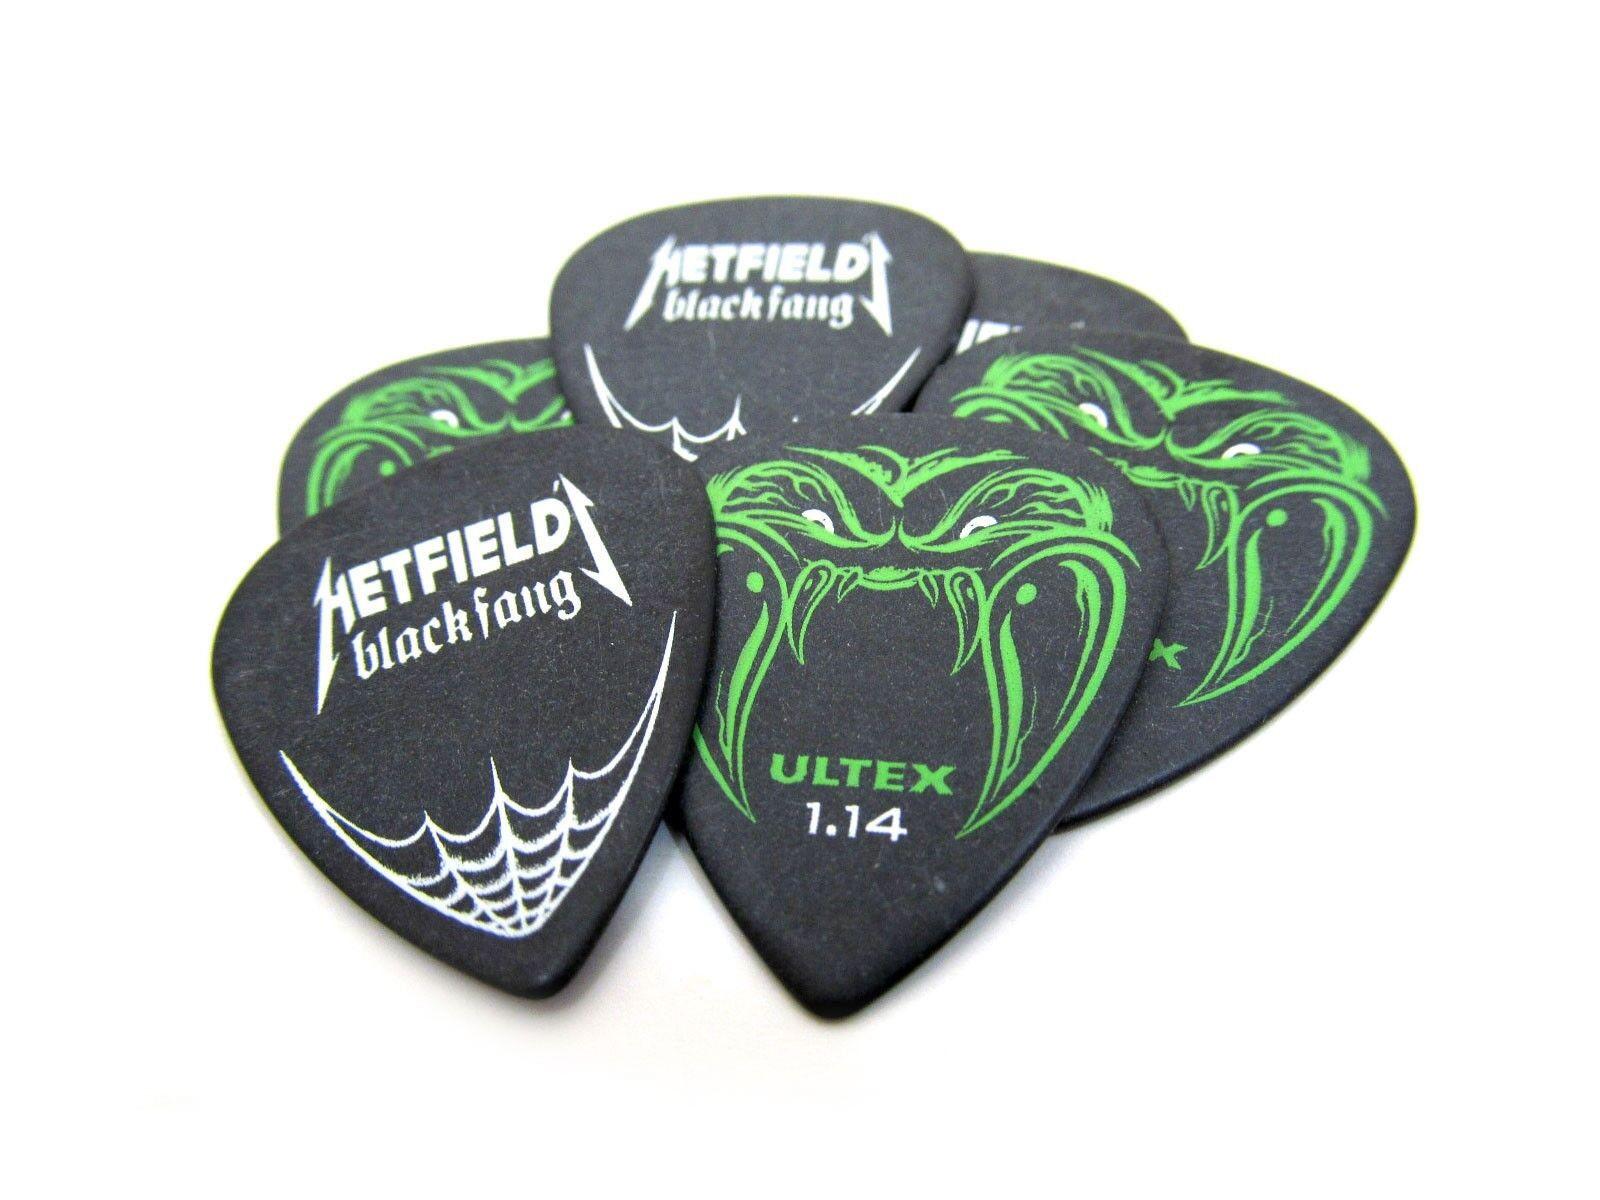 DUNLOP Hetfield Black Fang Ultex Guitar Picks 114mm